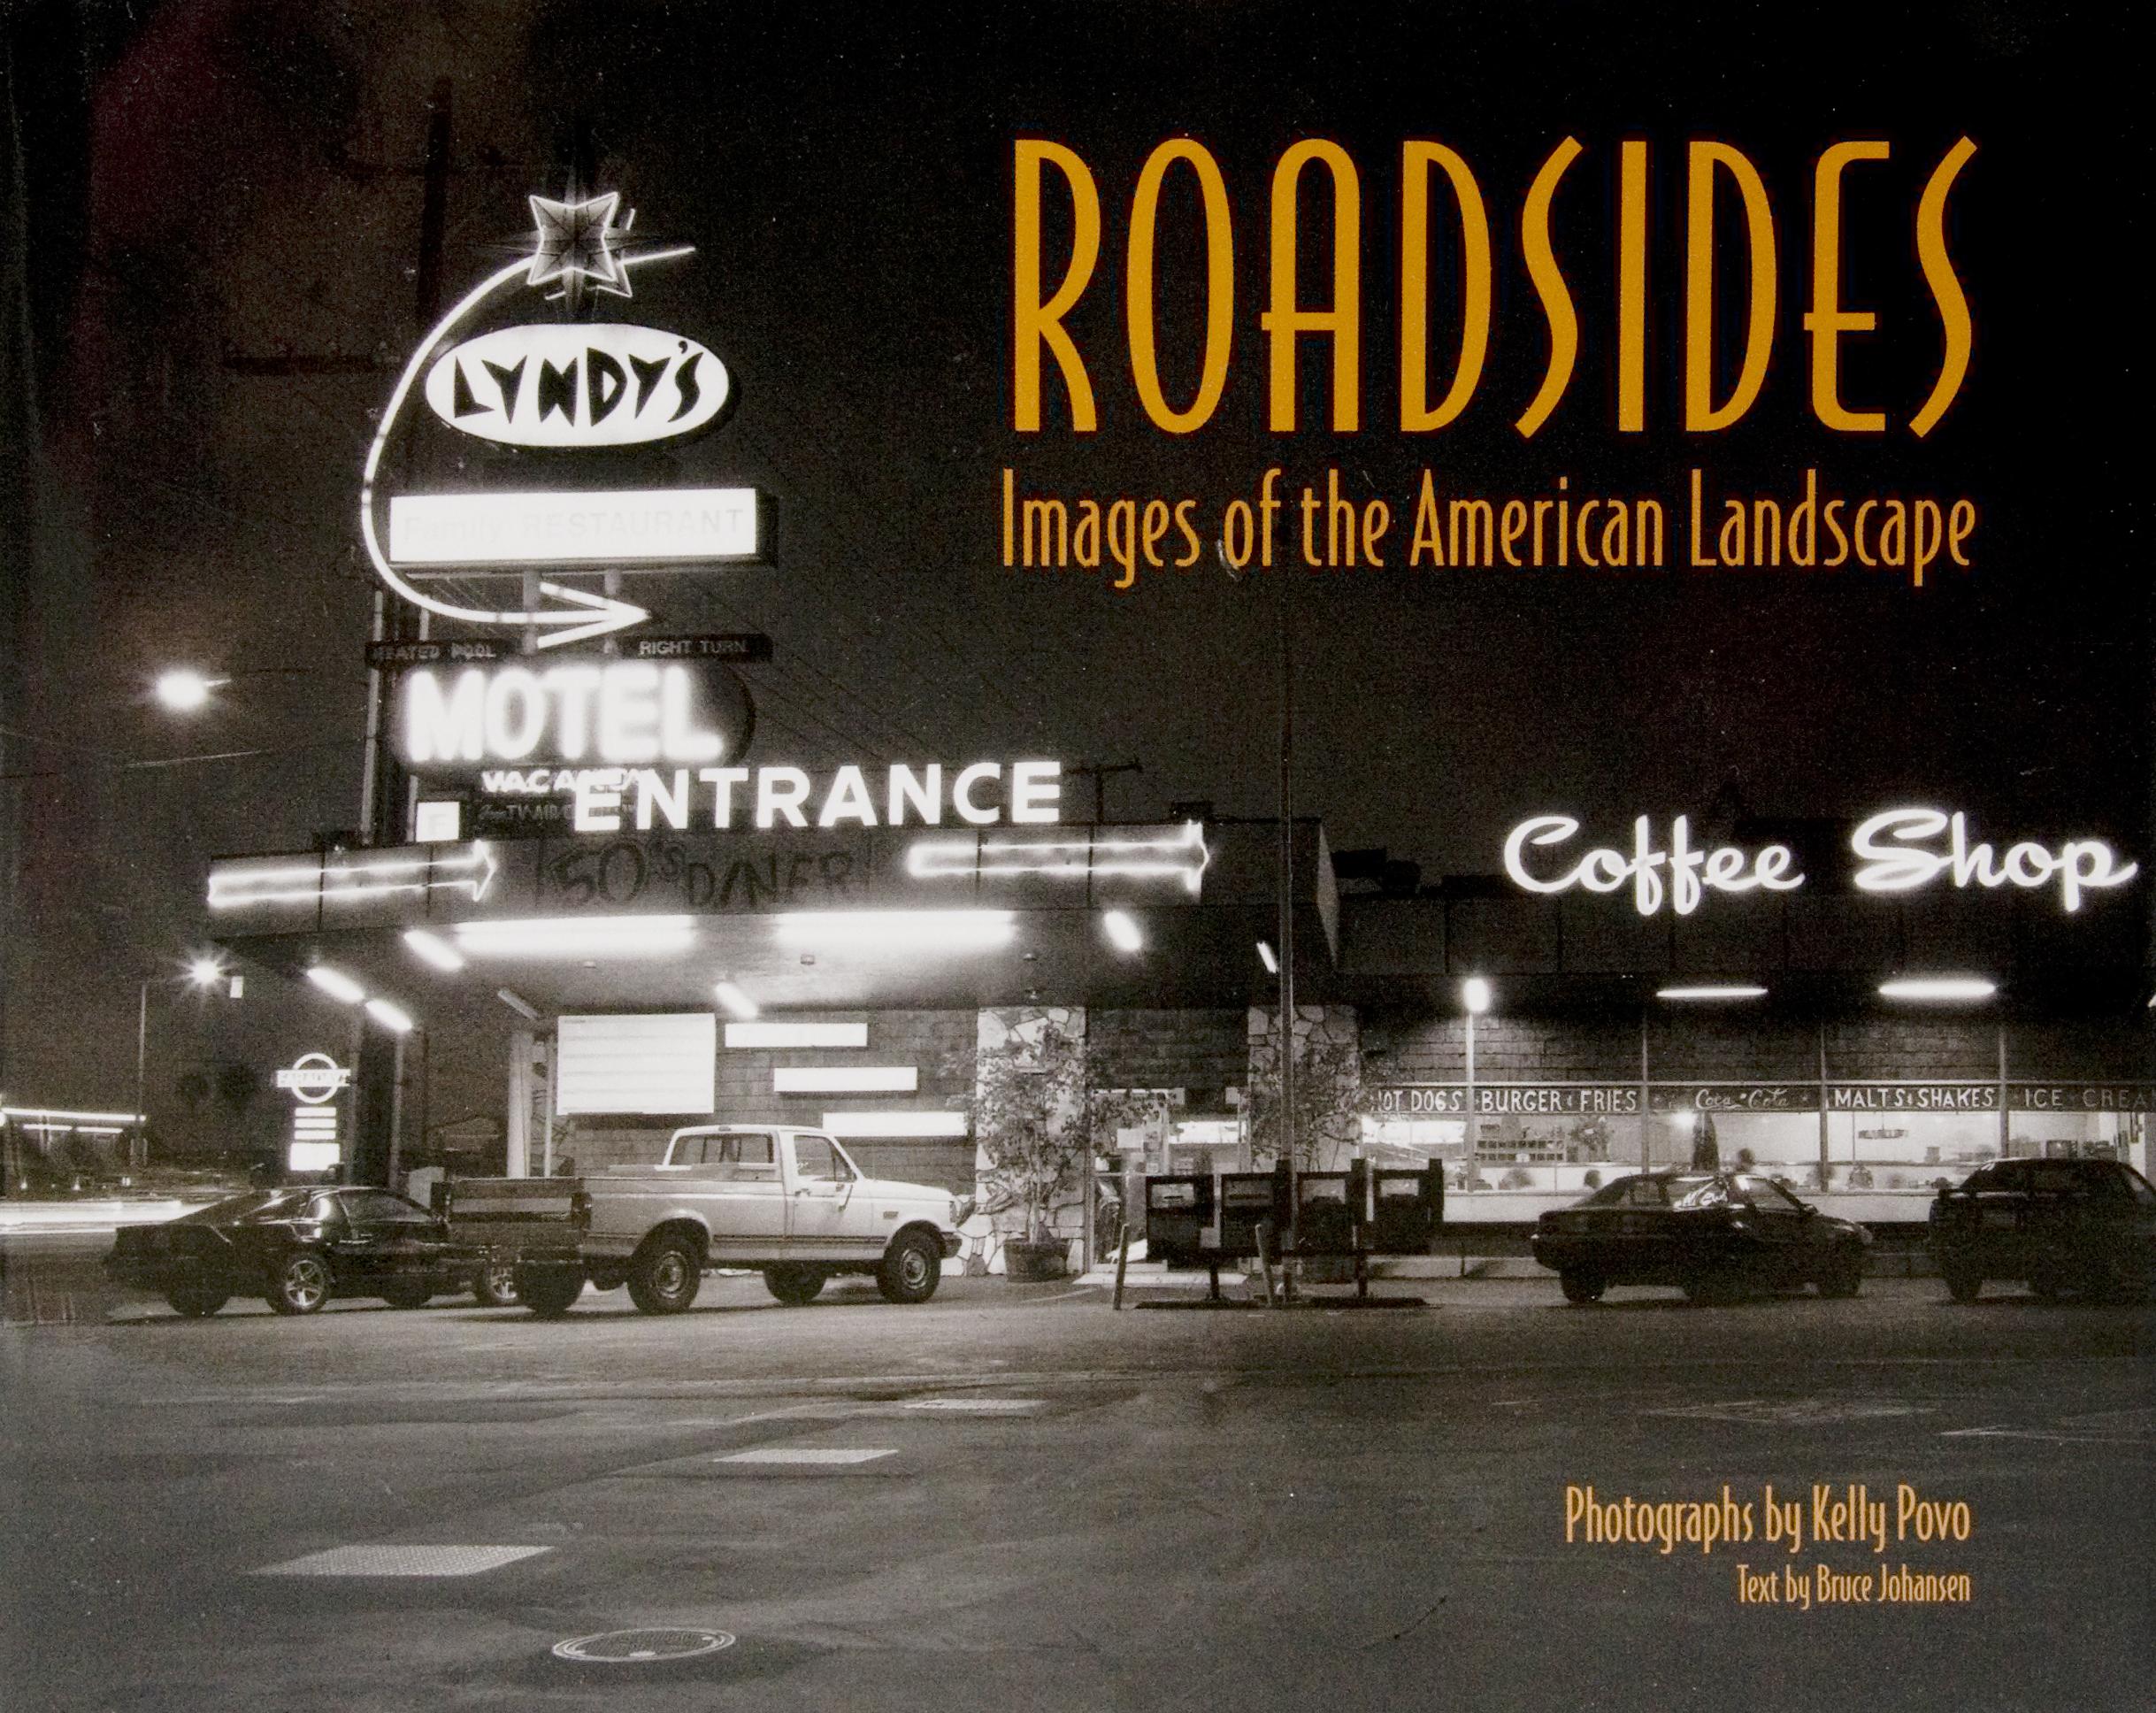 roadsideforwebsite.jpg